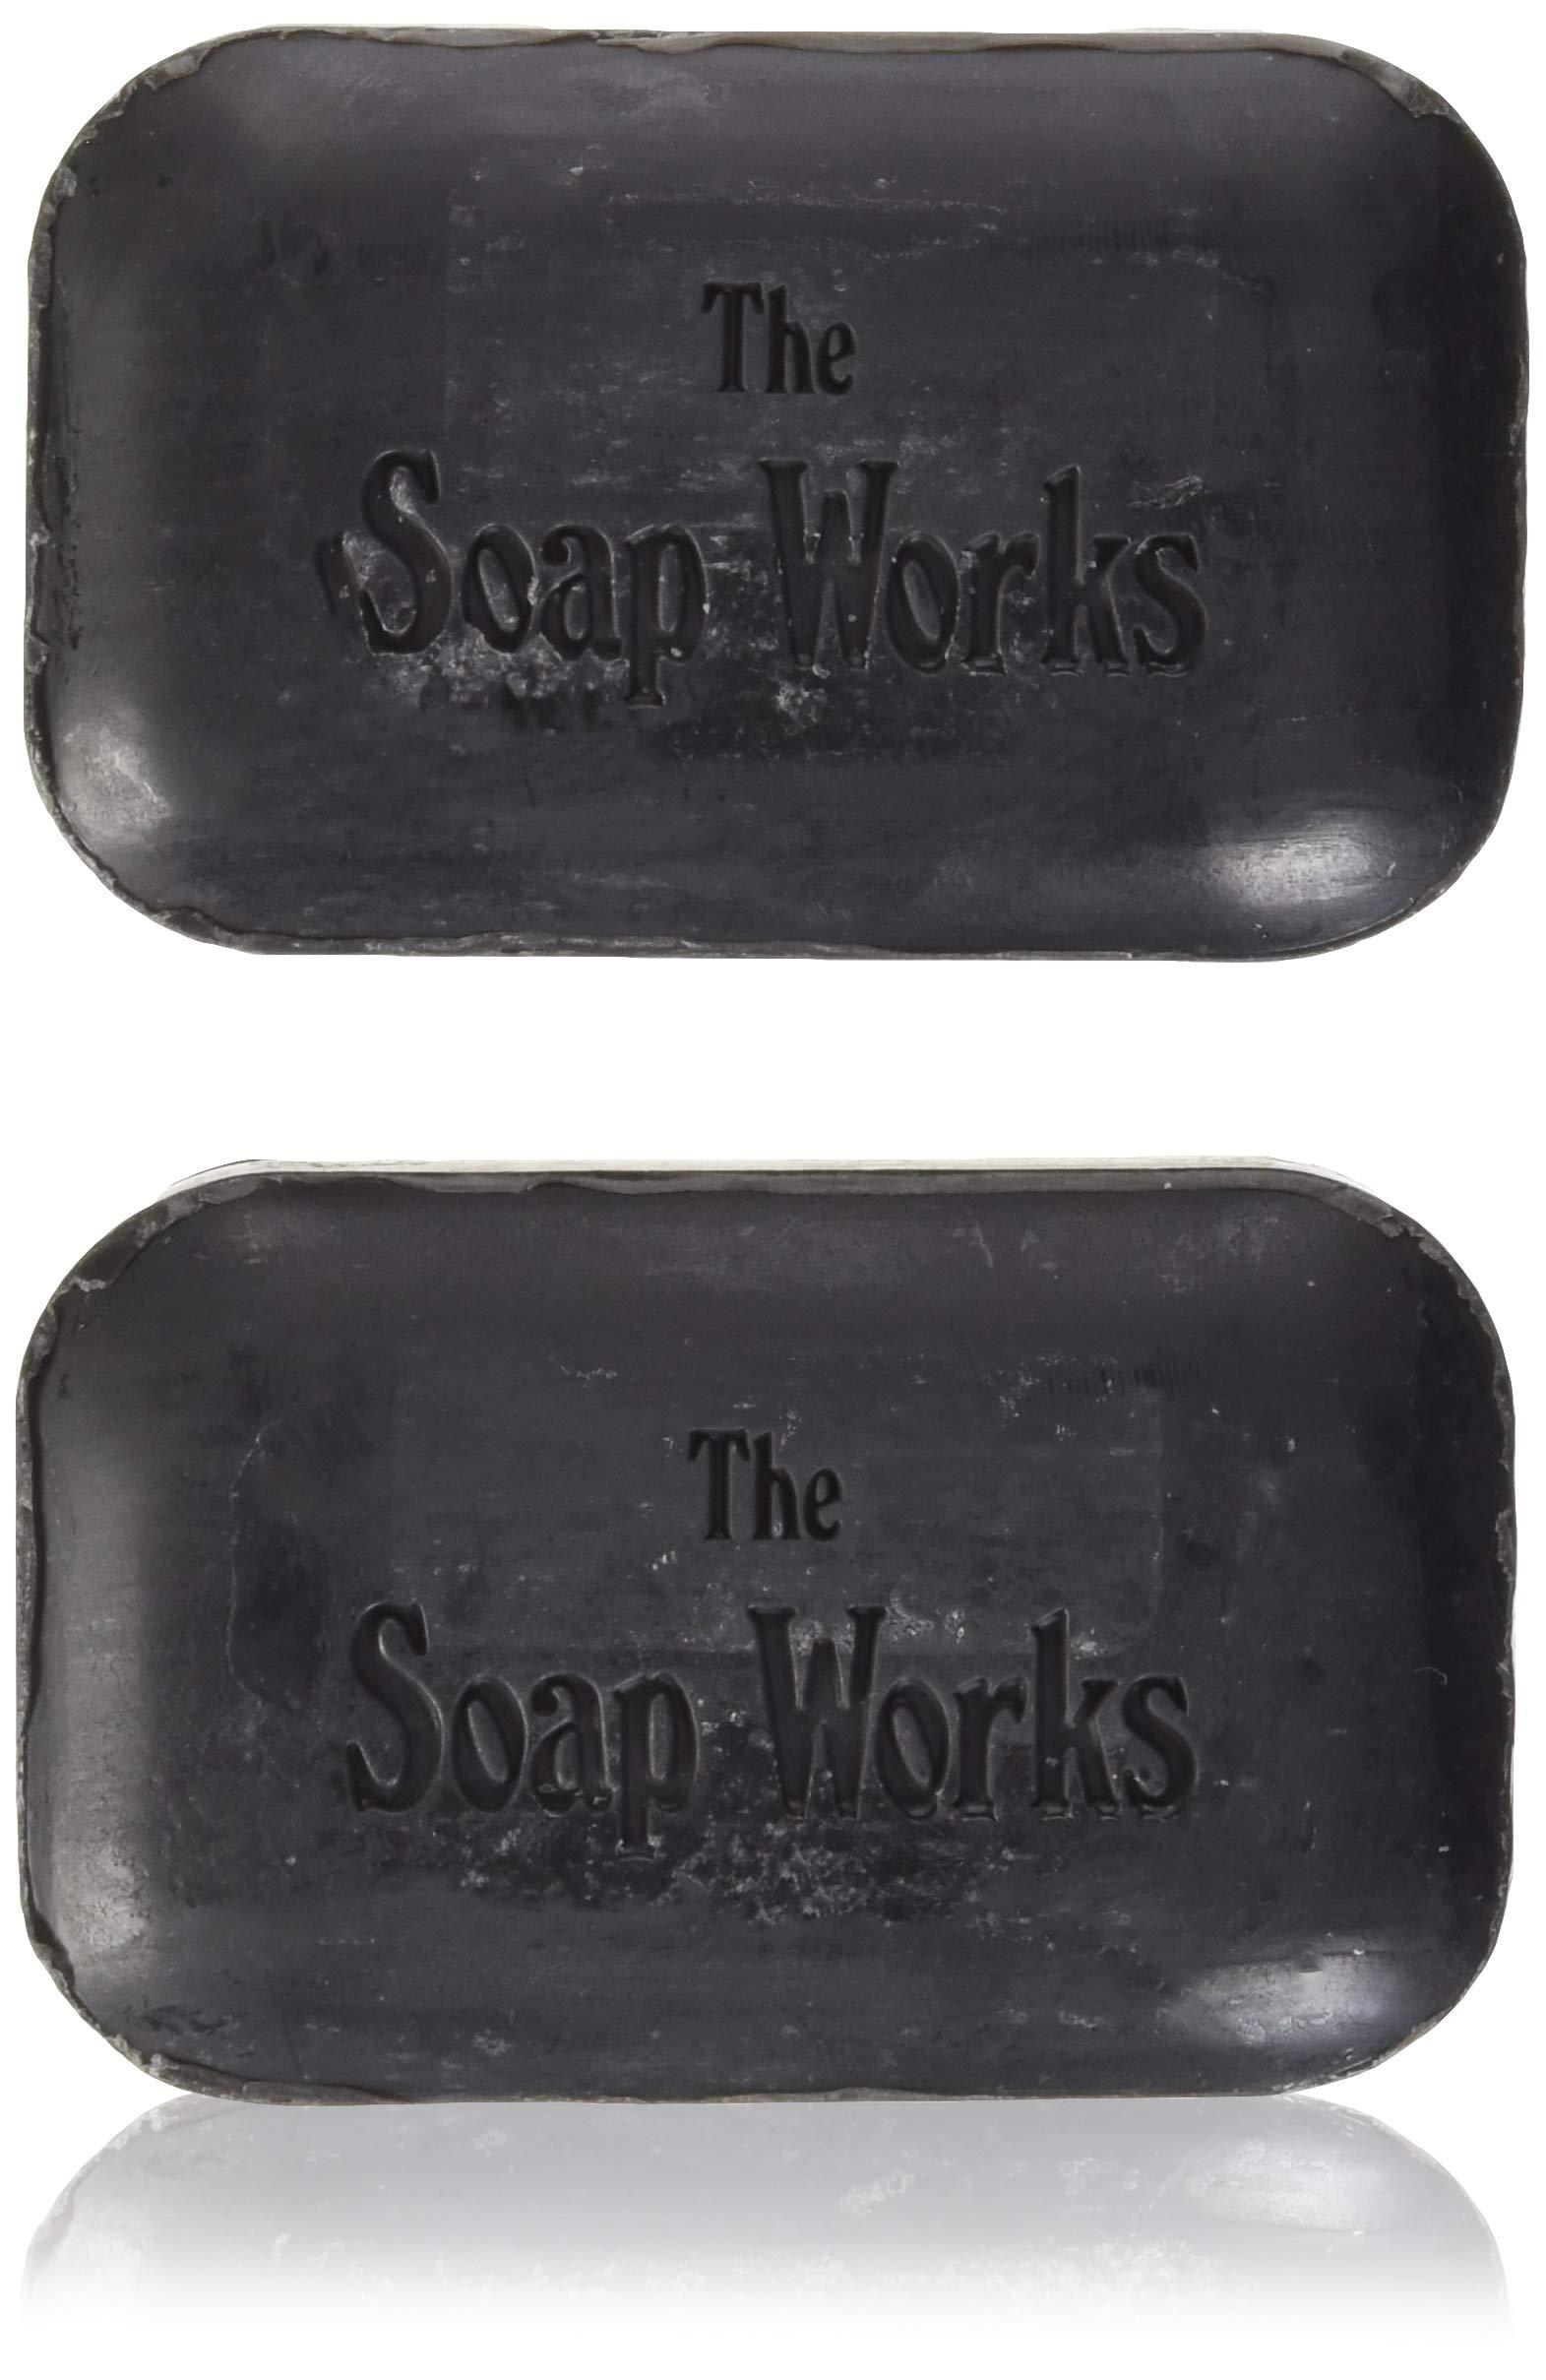 Soap Works Coal Tar Bar Soap (Black) (110g/bar) 2 bars